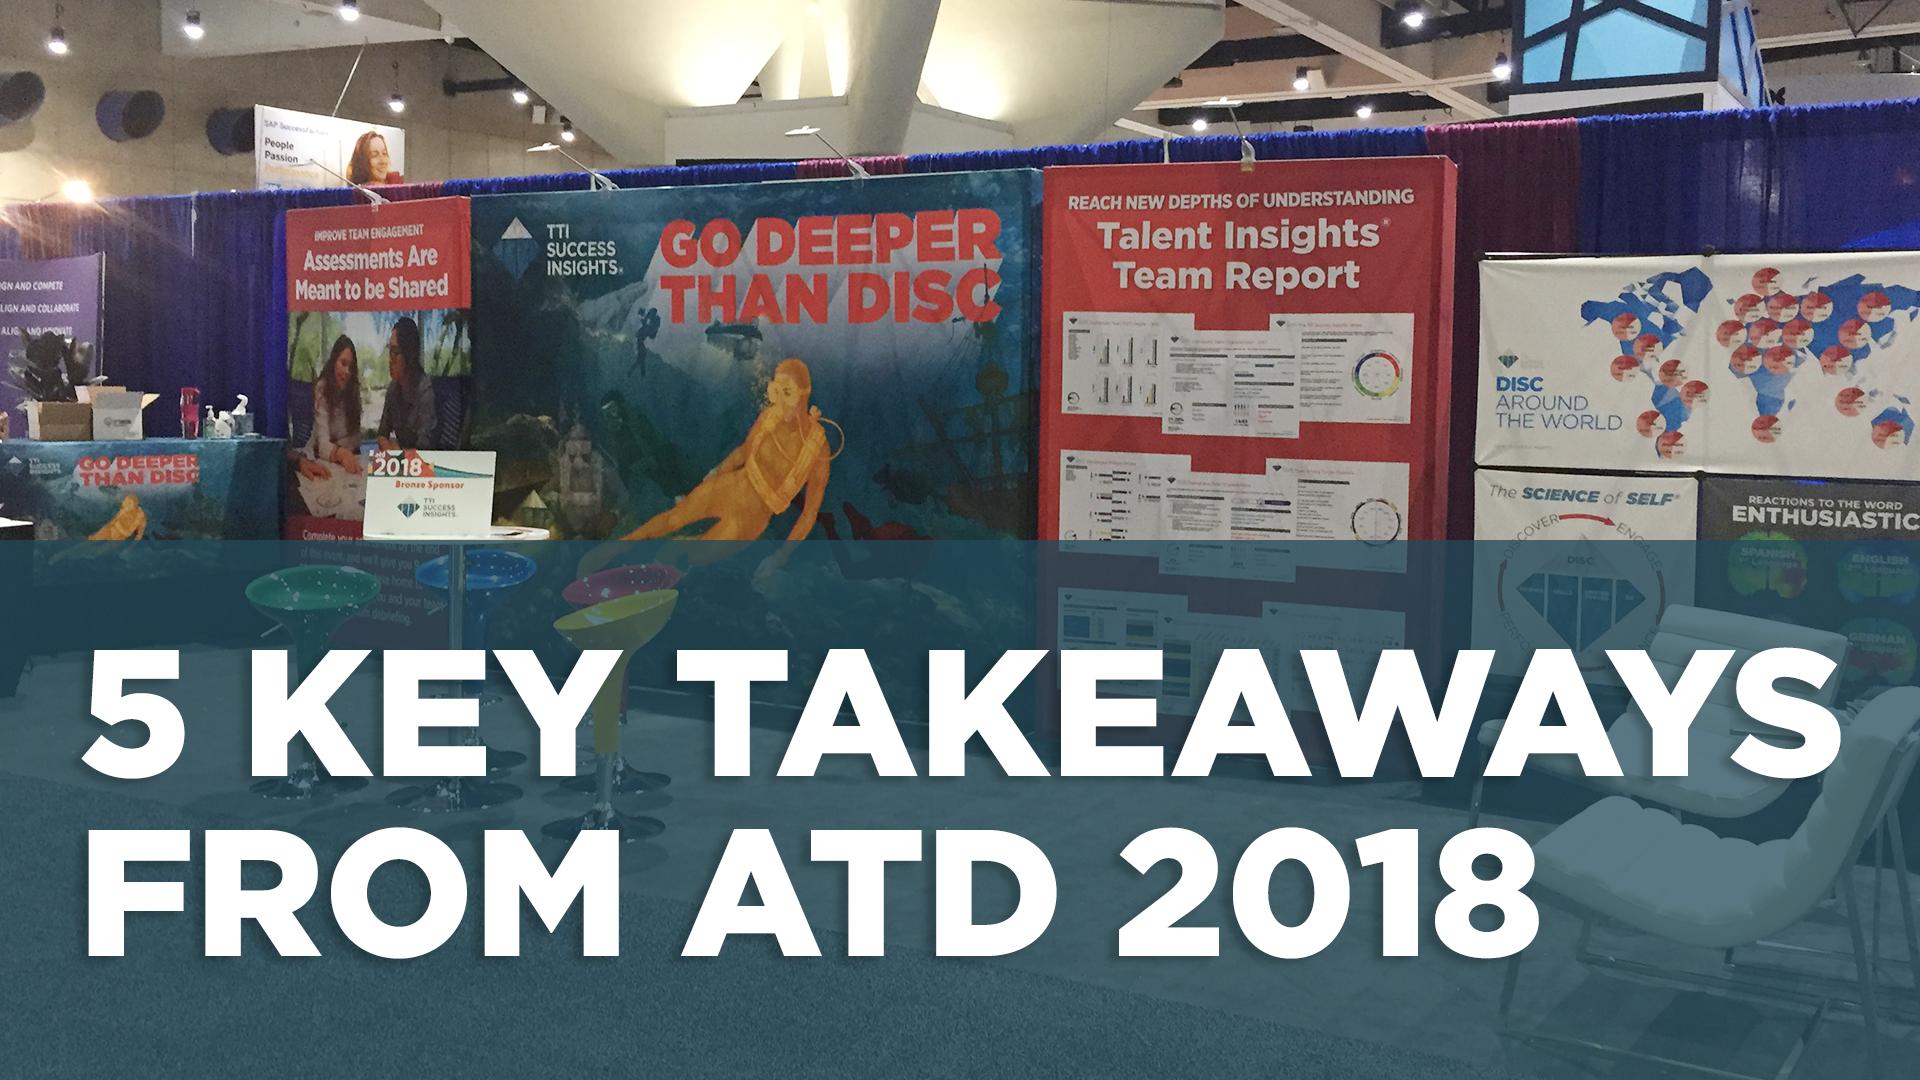 5 Key Takeaways from ATD 2018